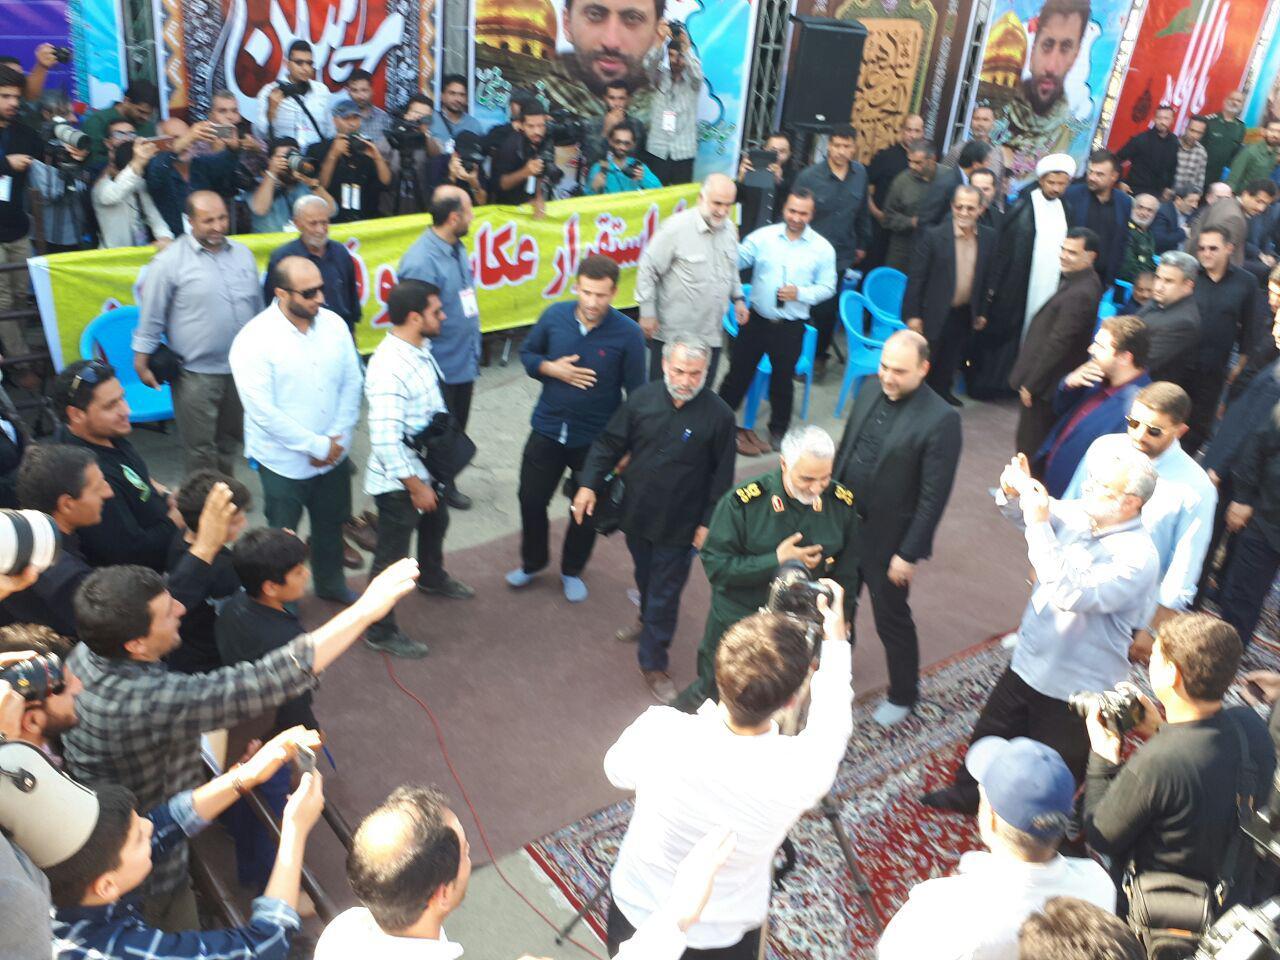 برگزاری اربعین شهید مدافع حرم مرتضی حسین پور با حضور سردار سلیمانی + تصاویر